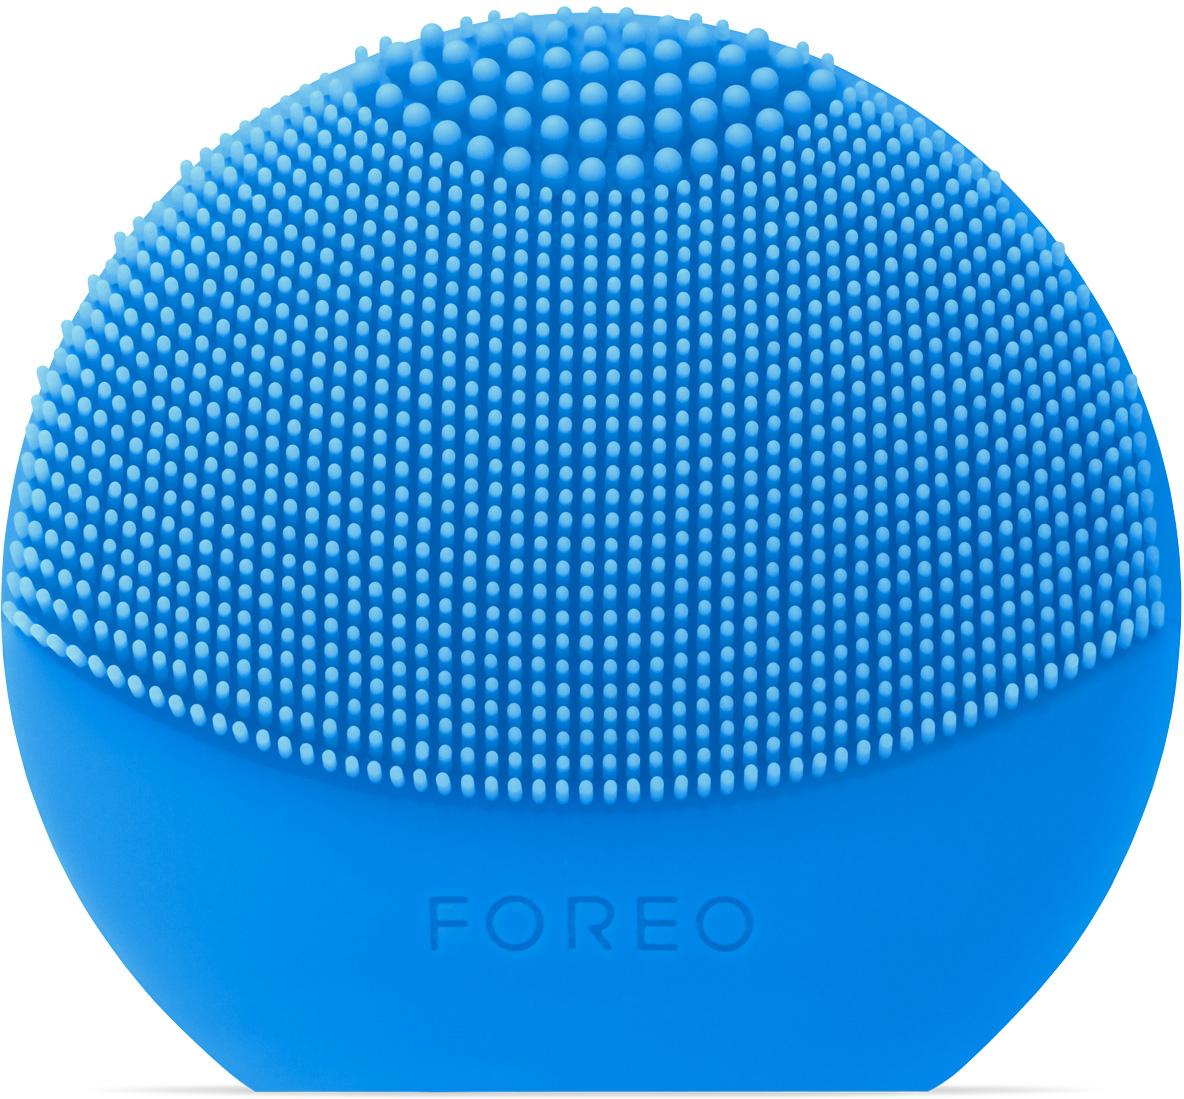 Foreo Щётка для очищения лица FOREO LUNA Mini 2, цвет: Aquamarine (голубой) - Косметологические аппараты